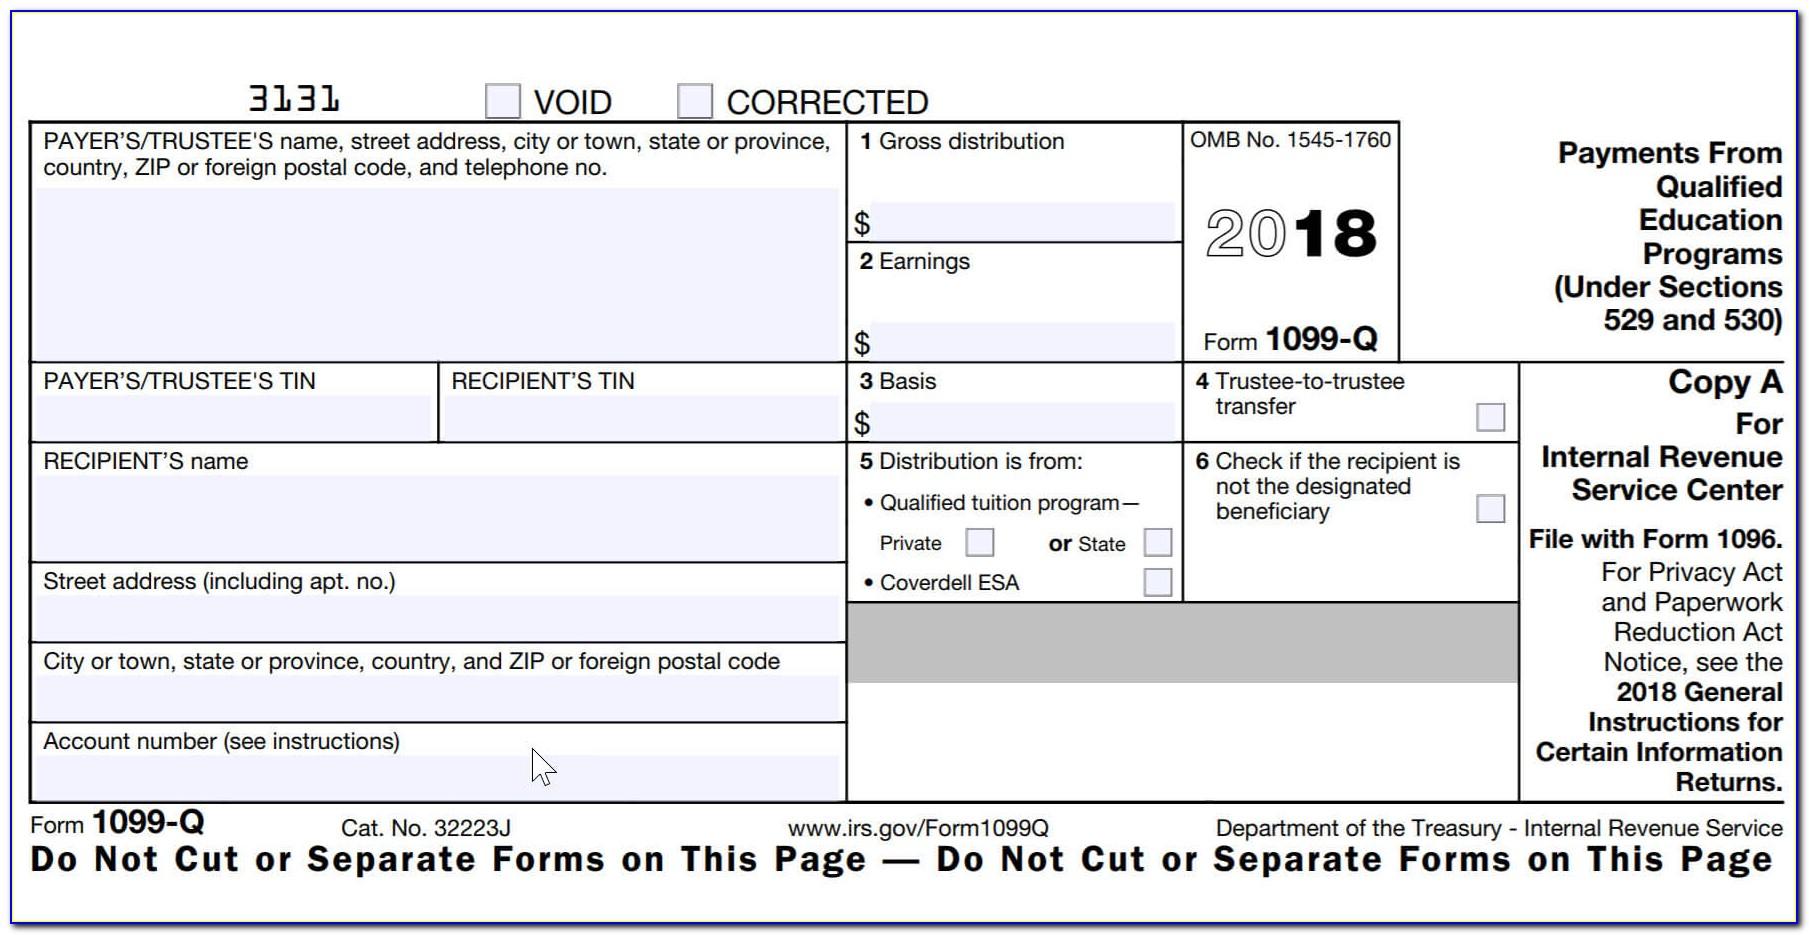 Form 1099 Tax Return